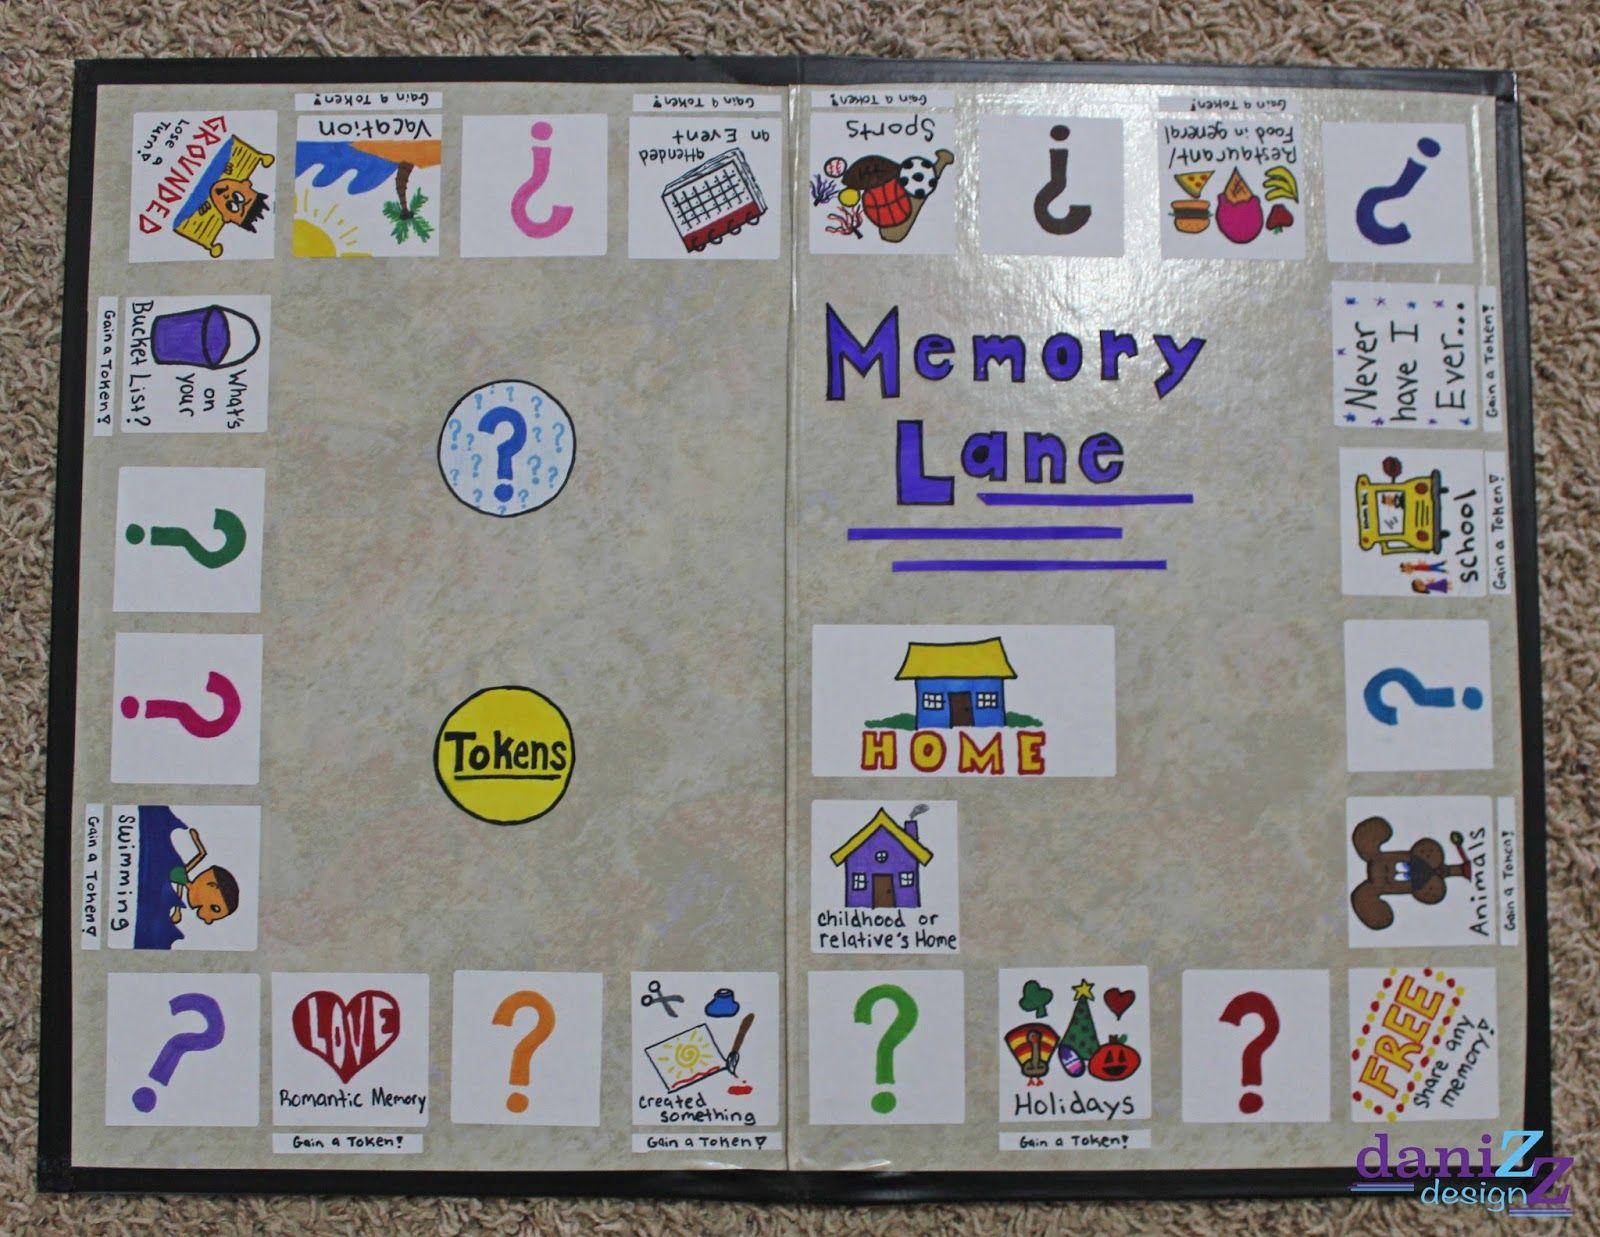 Memory Lane board game board that allows you to take a